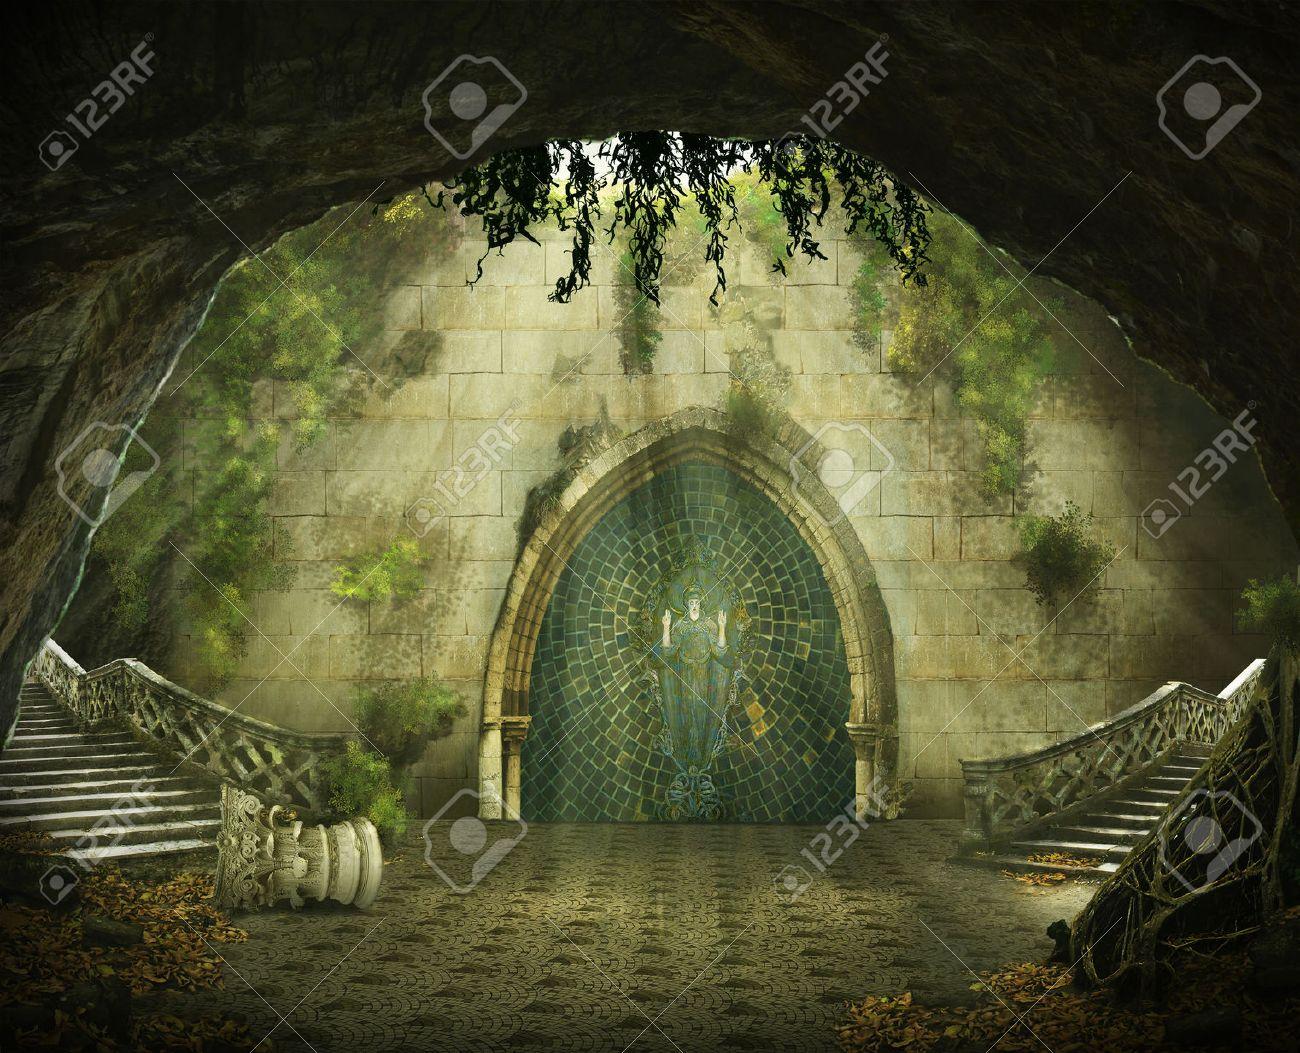 Risultati immagini per grotta con castello